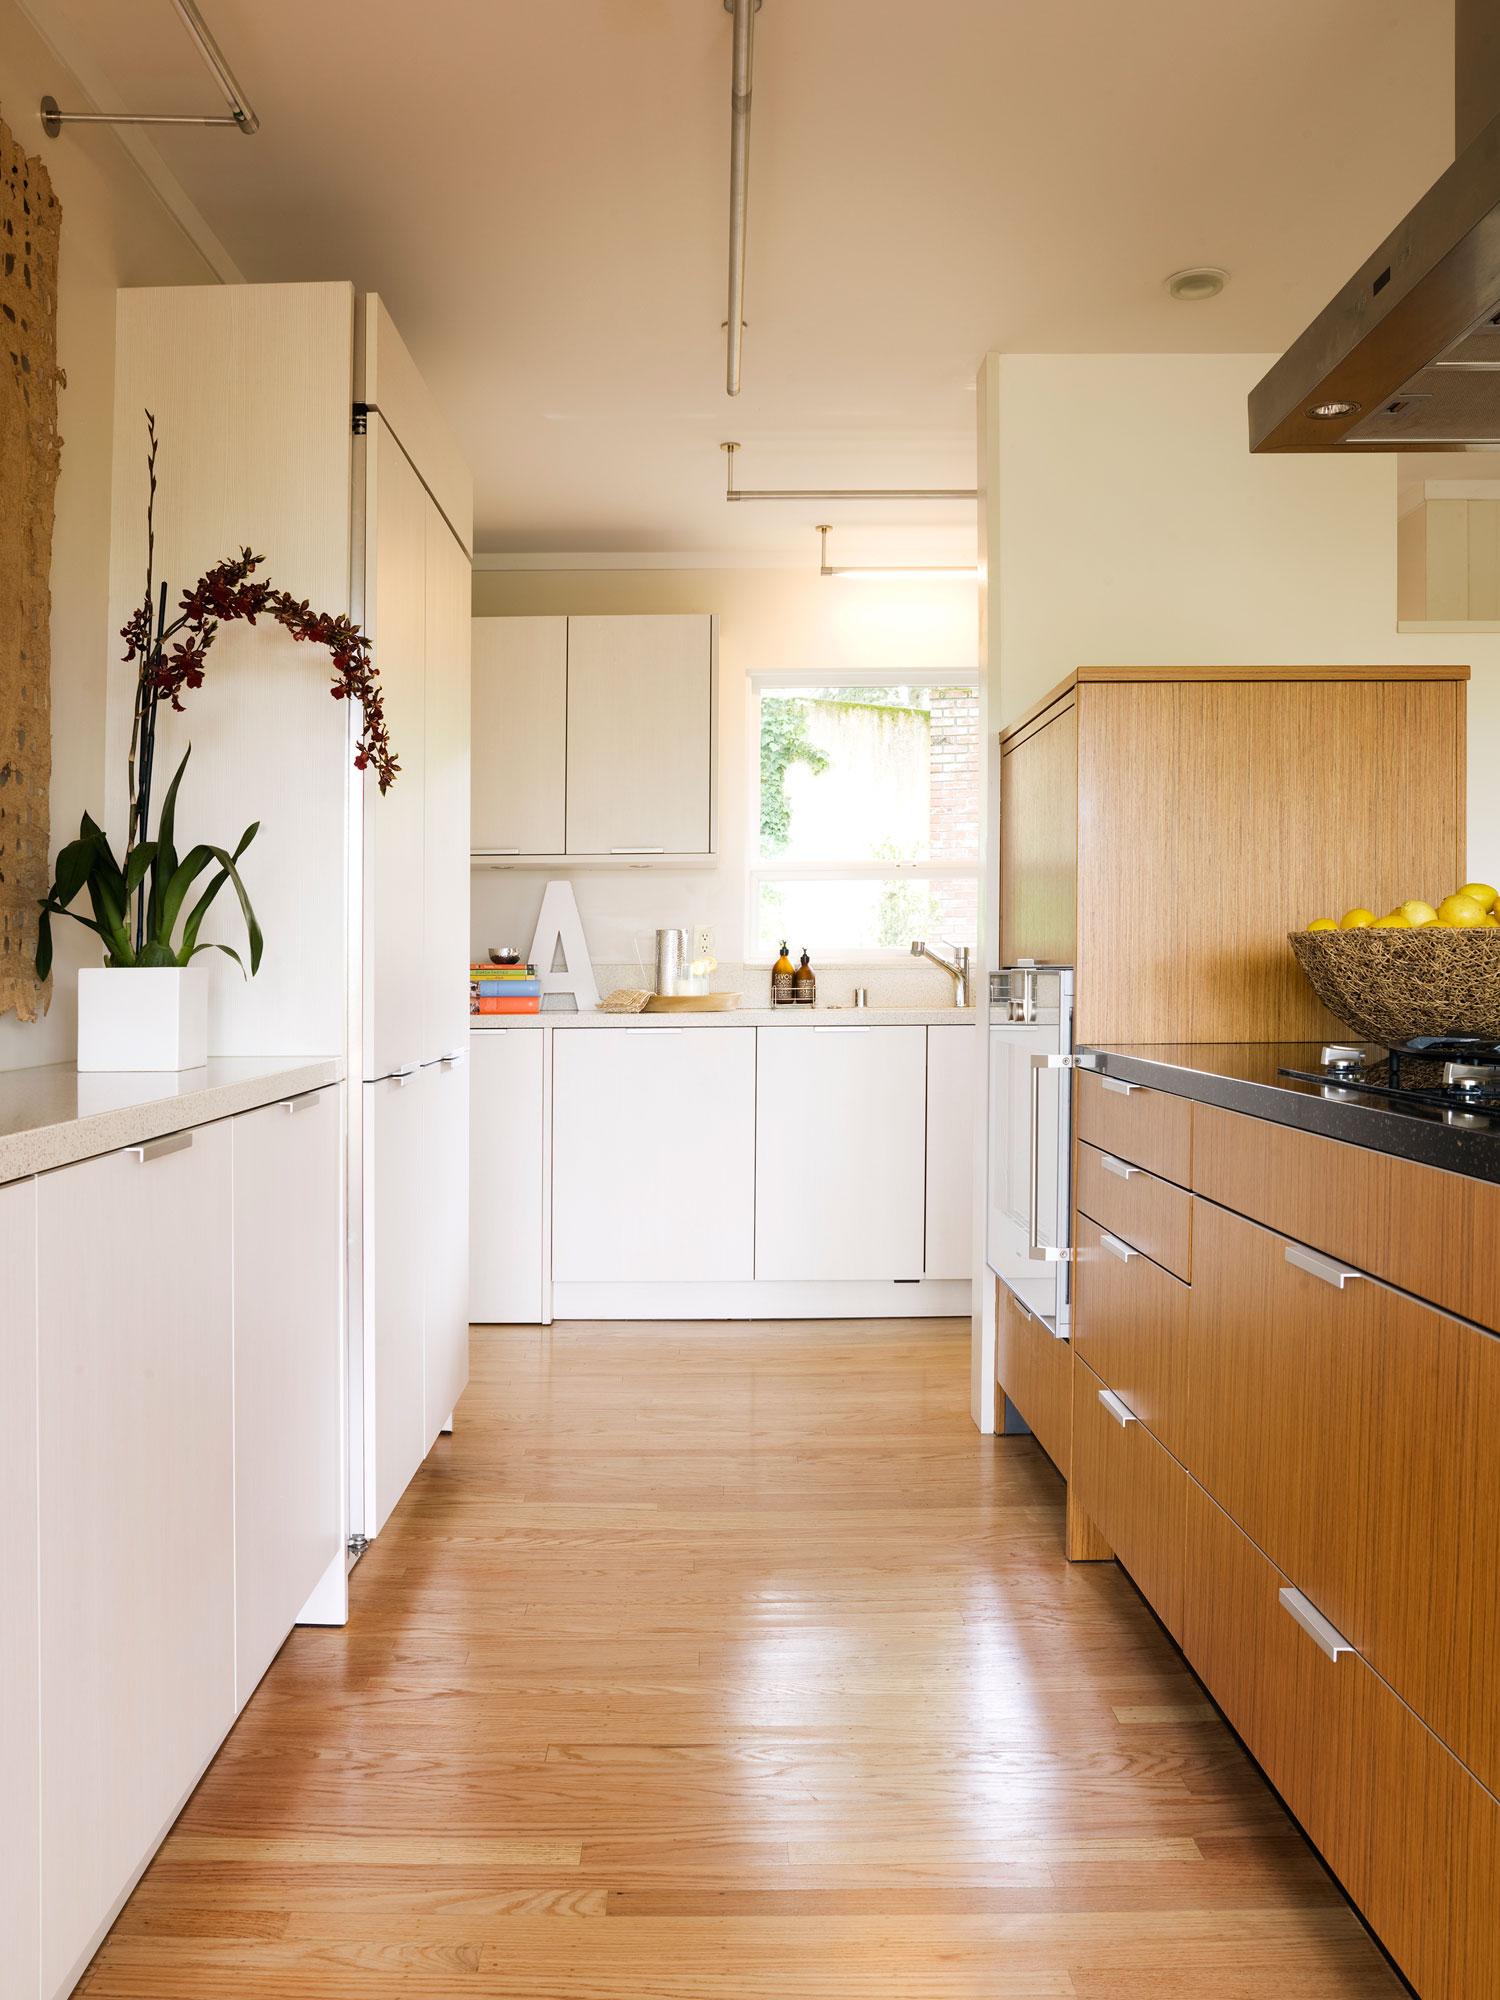 madara_WD_alper_kitchen_002.jpg